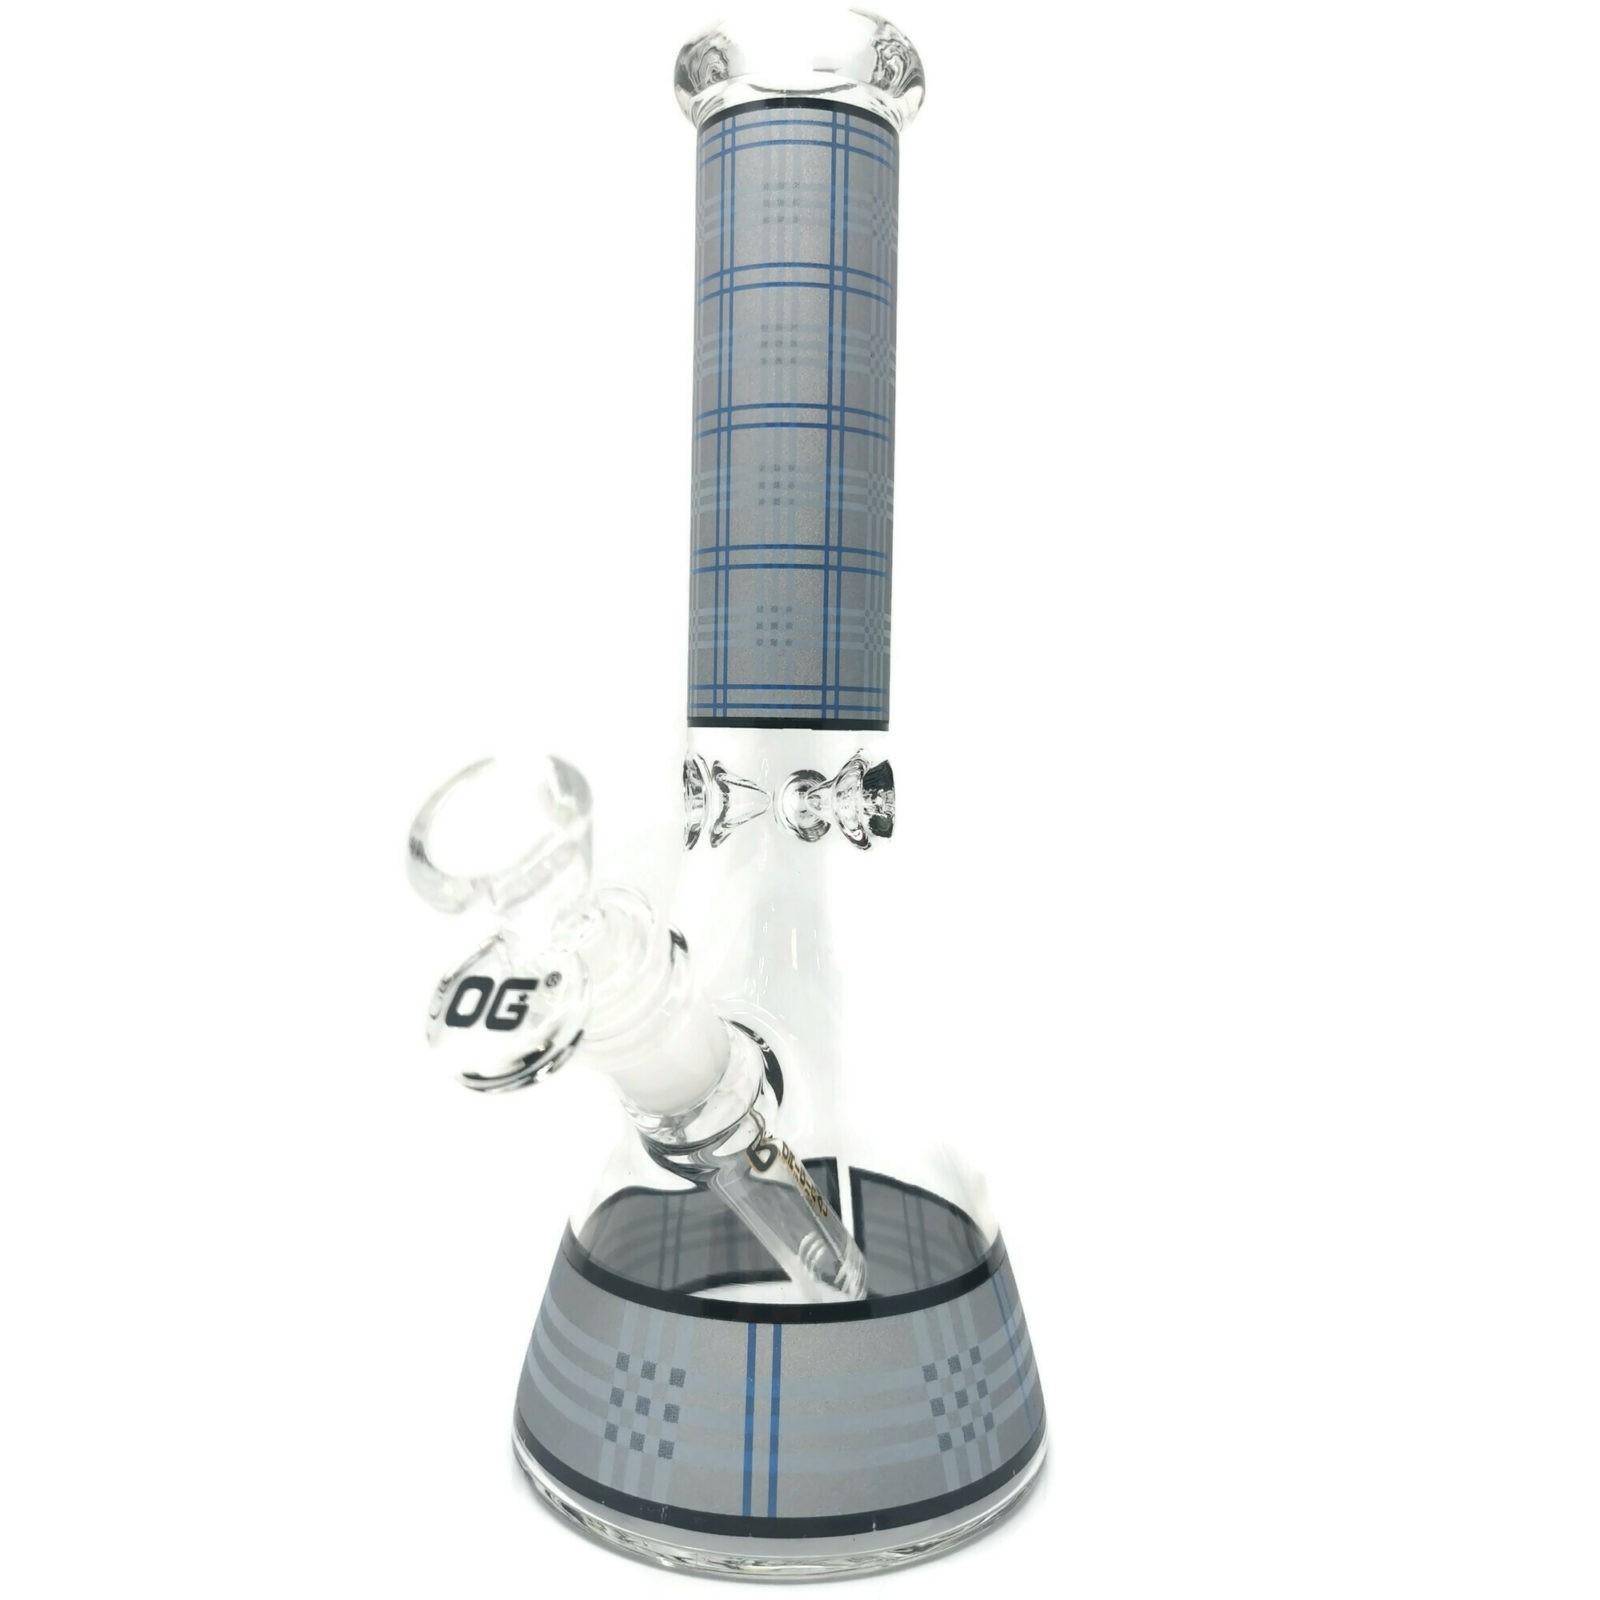 Og Plaid Bubbler Og-510 &Bull; 2021